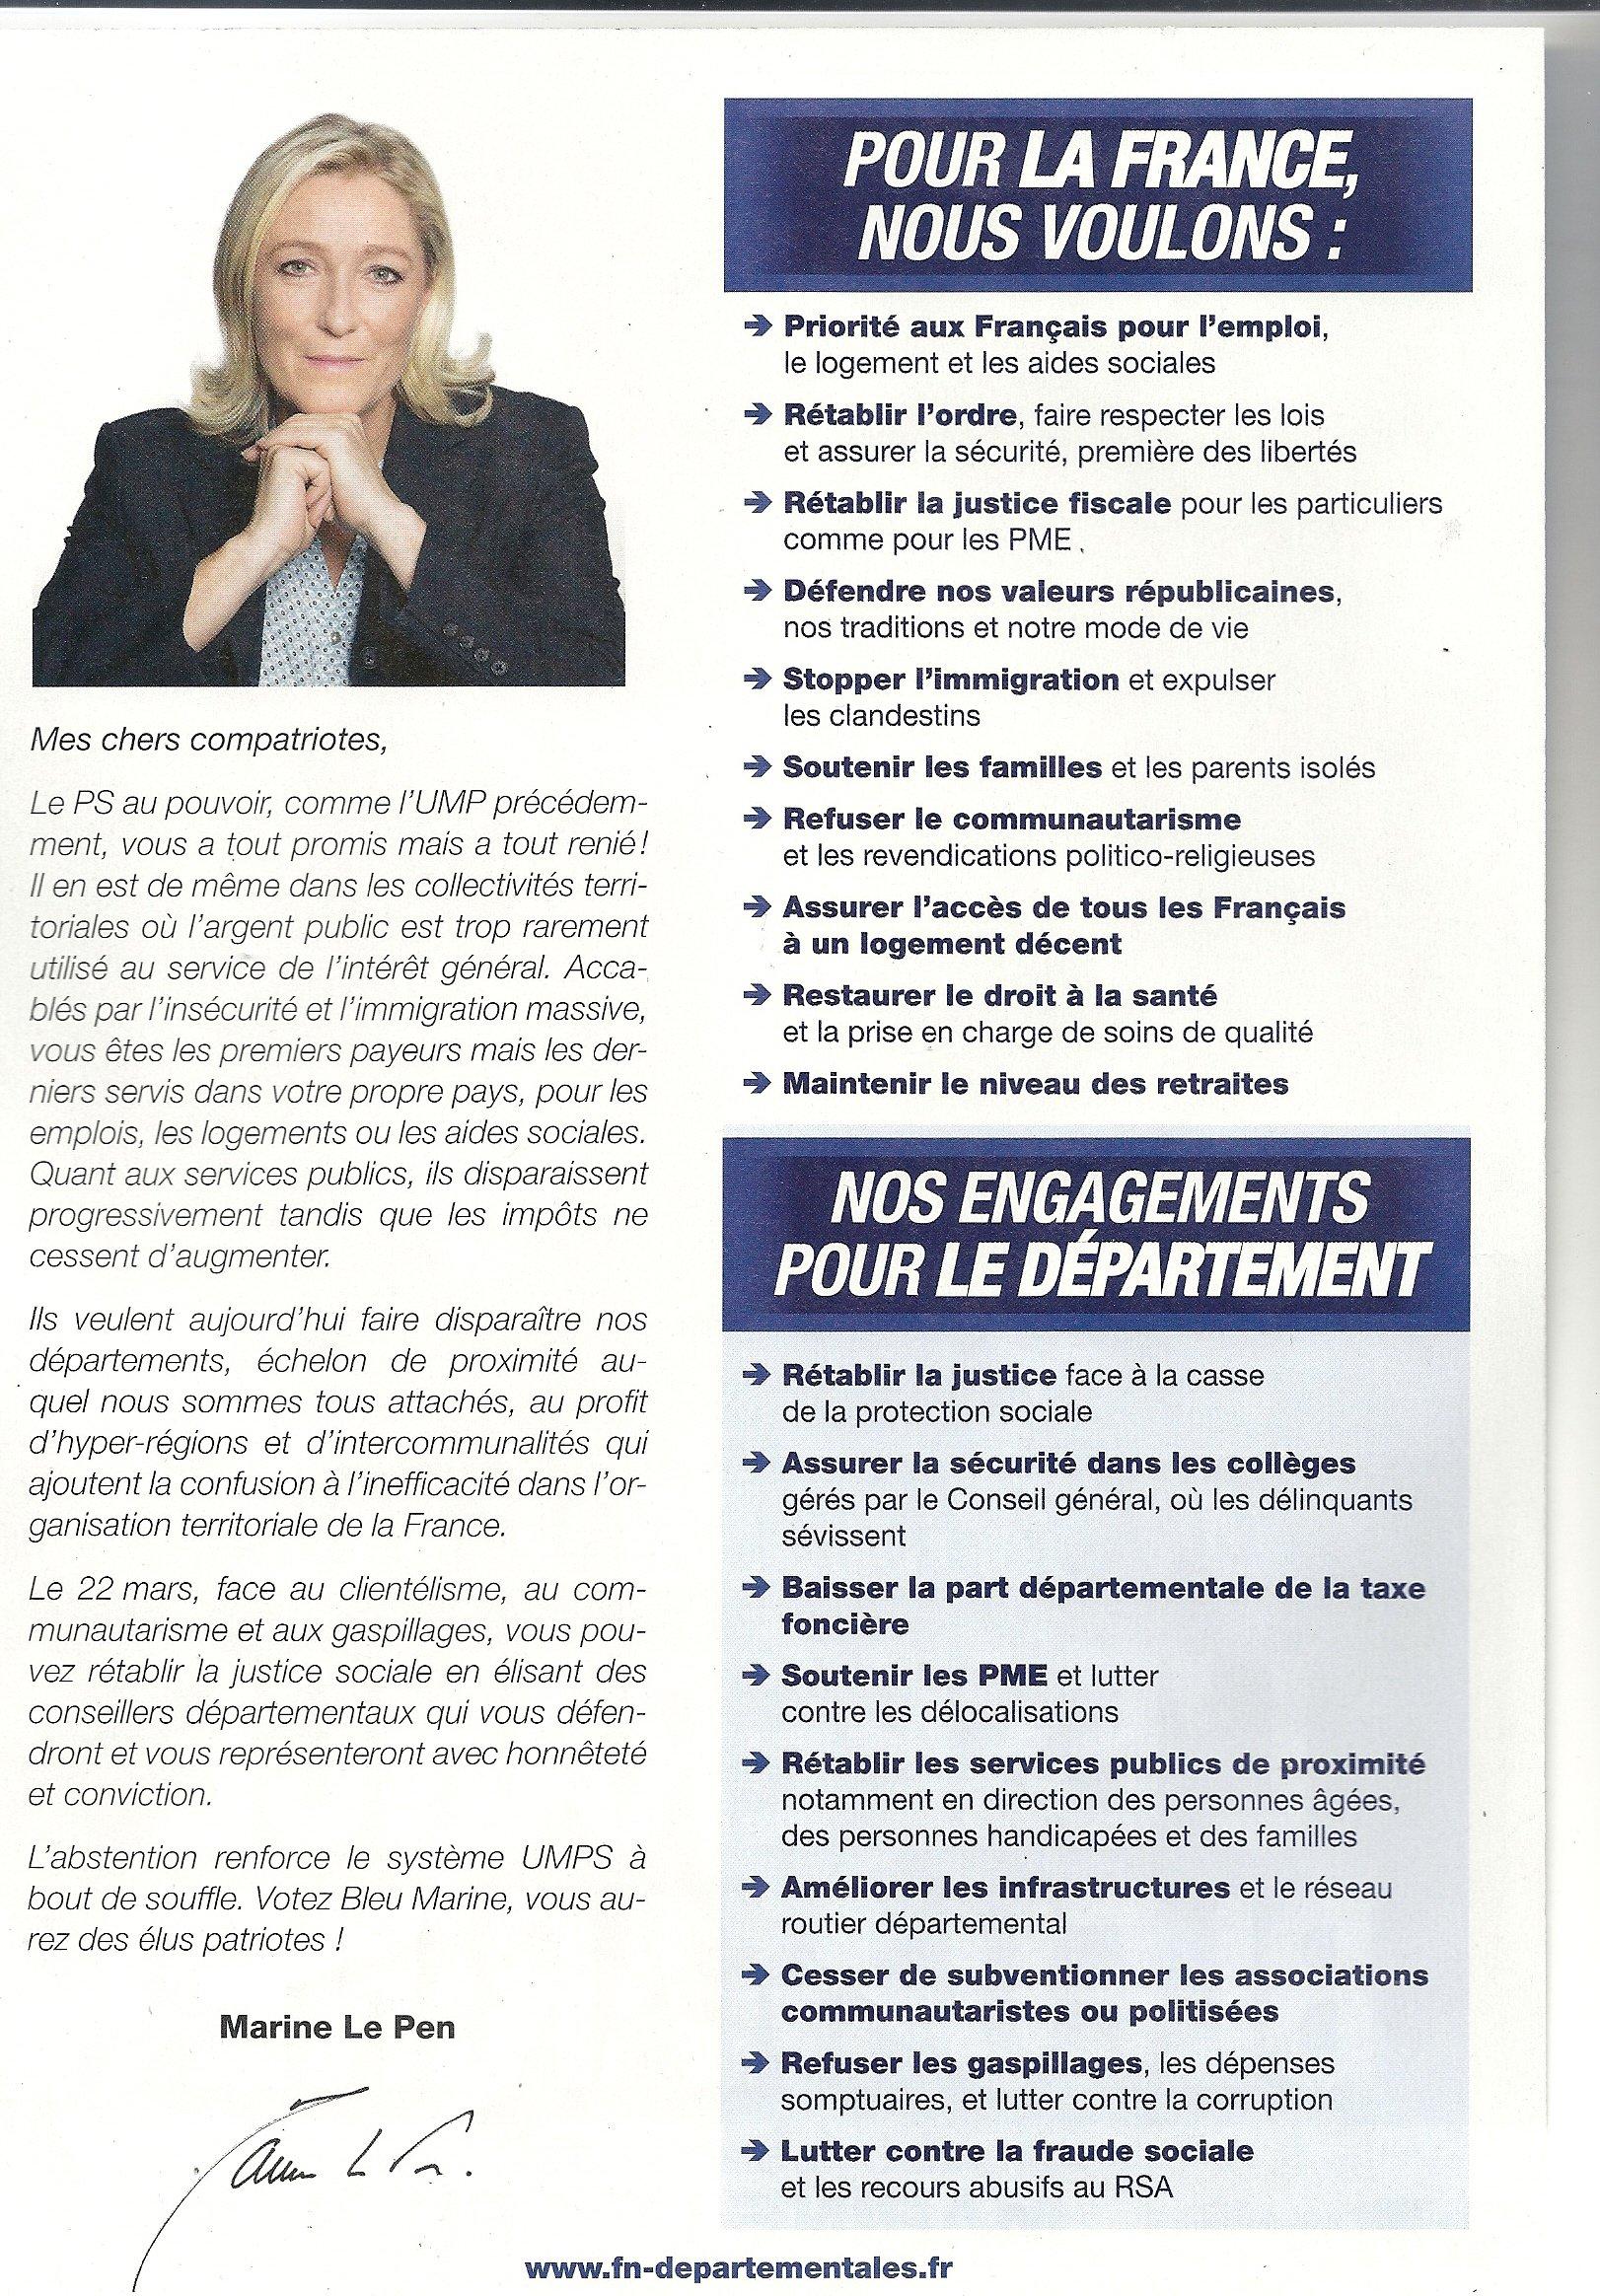 Départementales 2015: Front National, un programme à rire ...